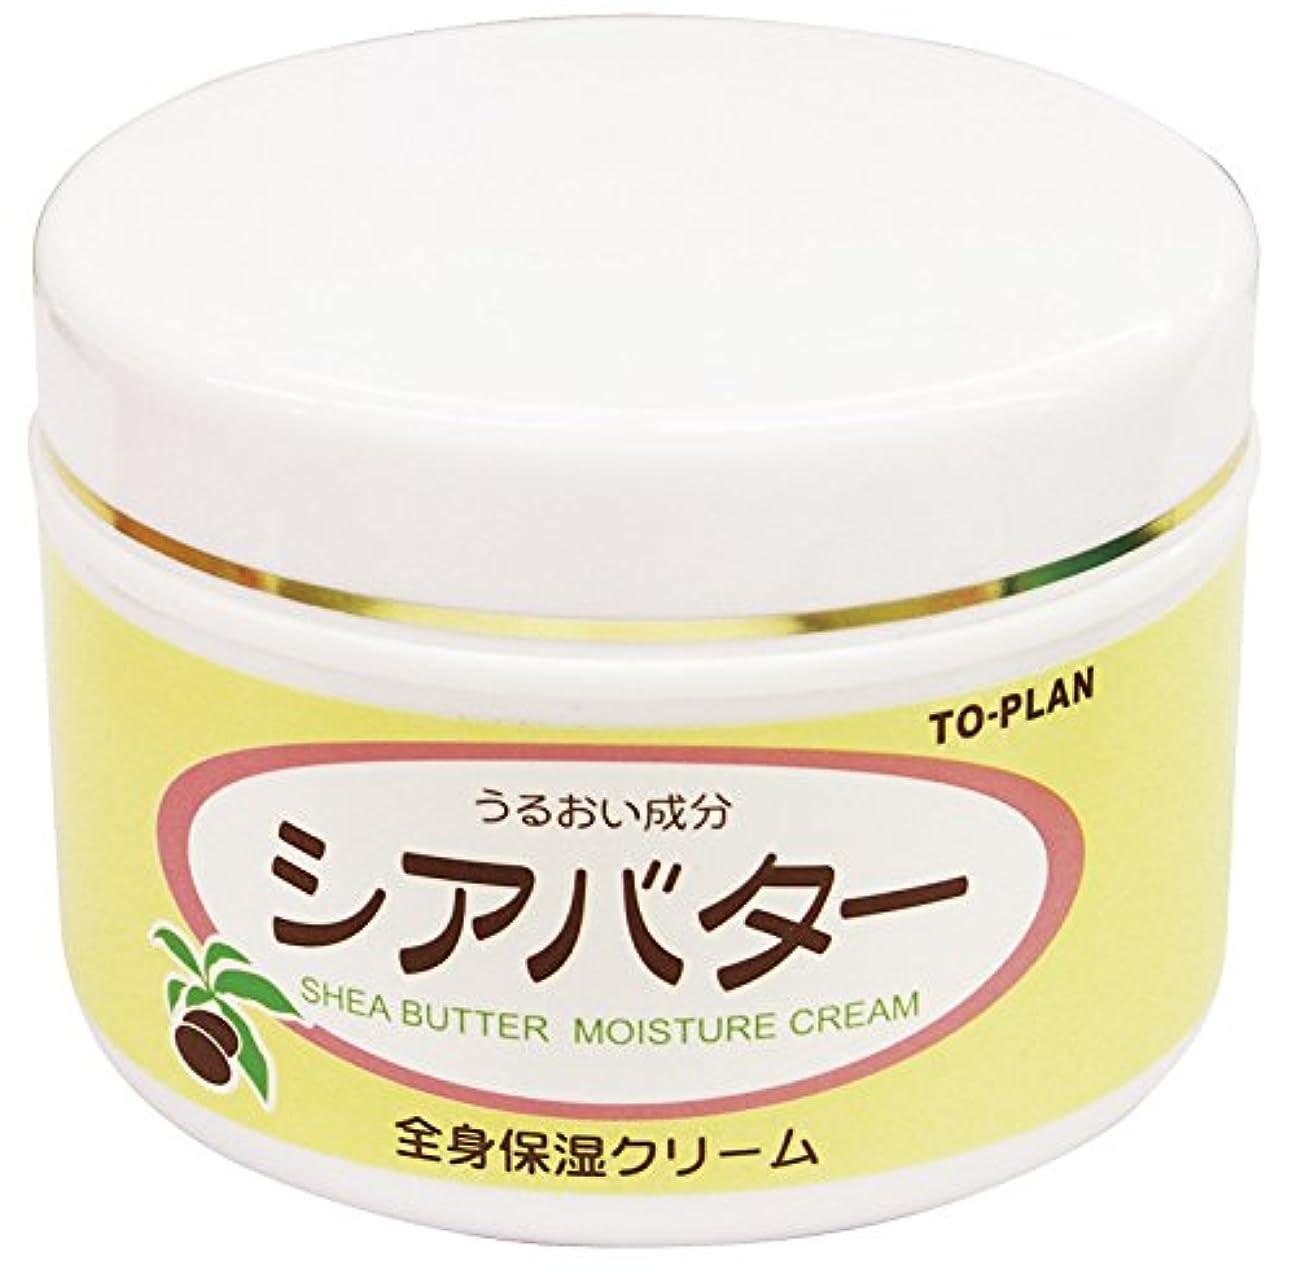 配列消化器気味の悪いTO-PLAN(トプラン) シアバター全身保湿クリーム 170g